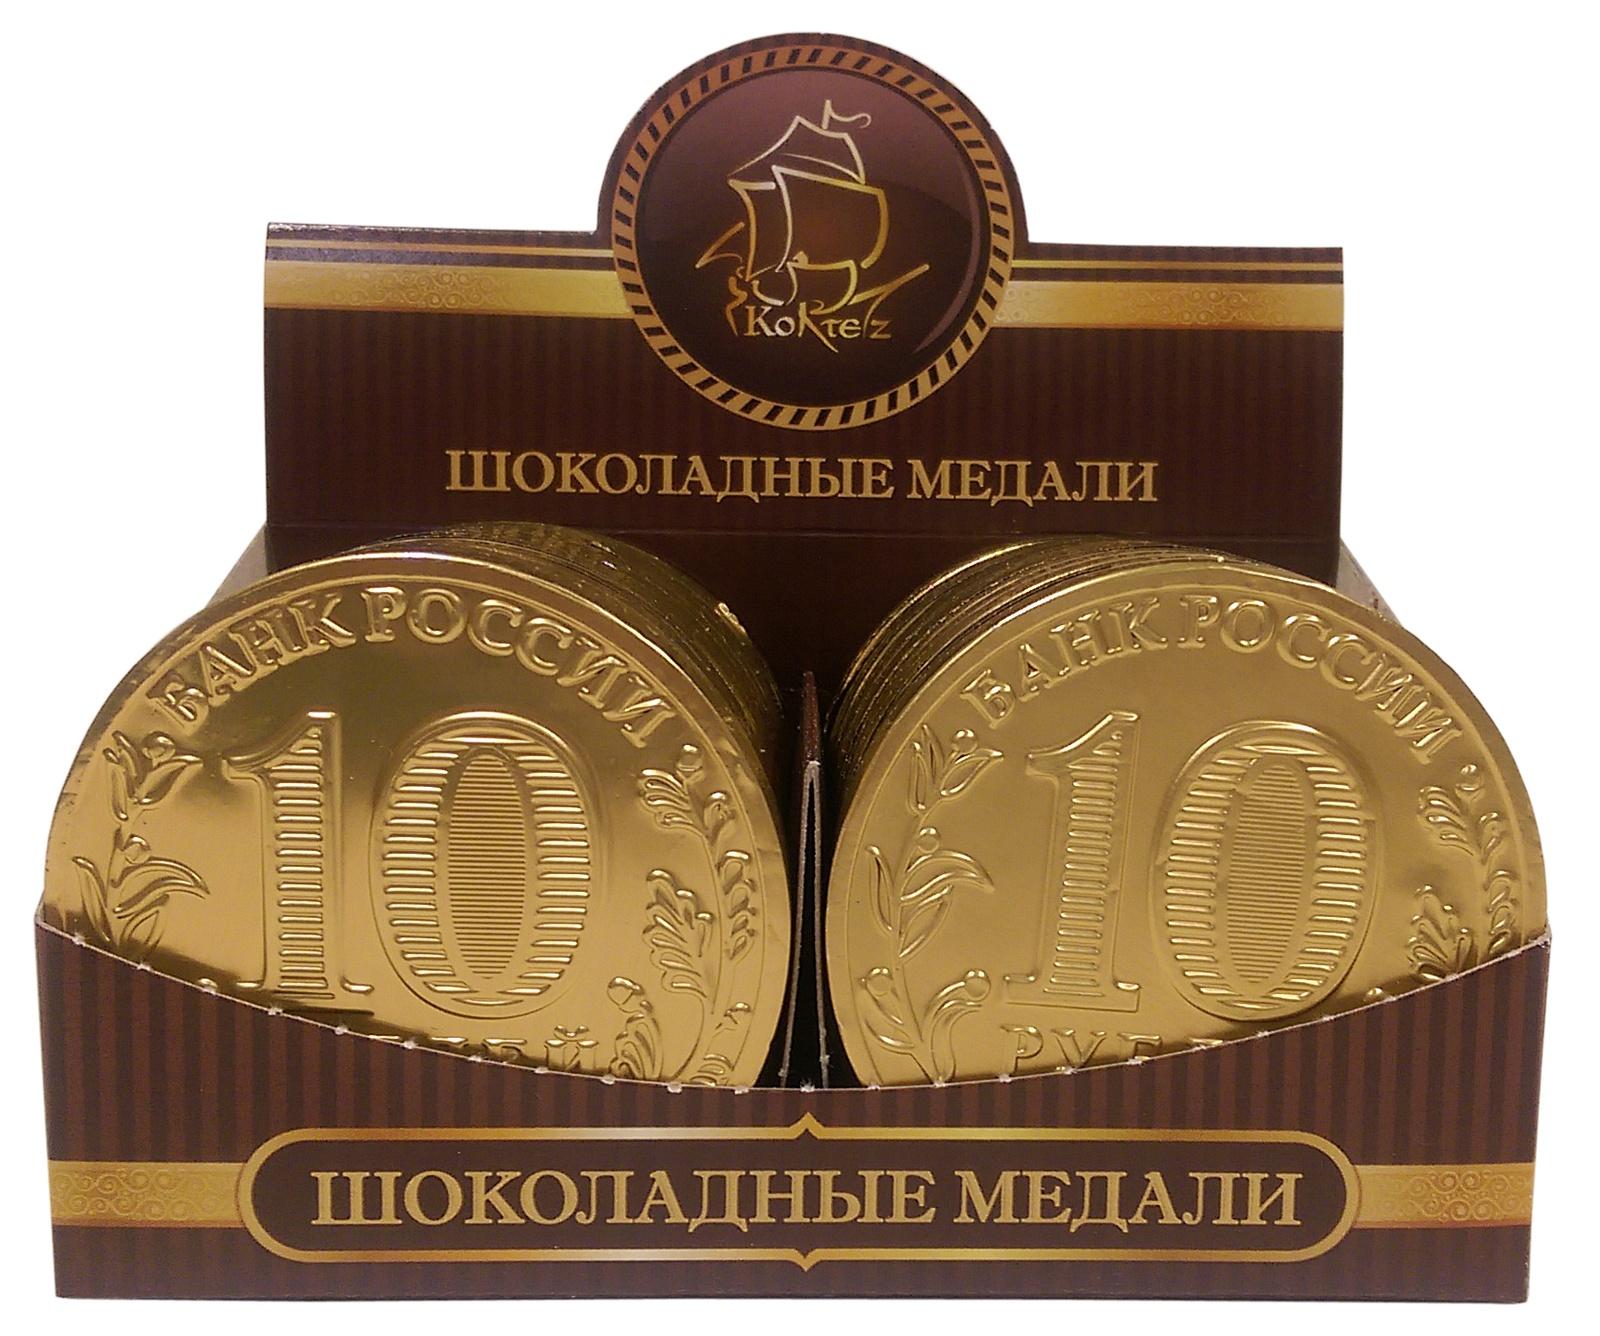 """25г шоколад фигурный молочный Шоколадные медали """"10 РУБЛЙ"""""""